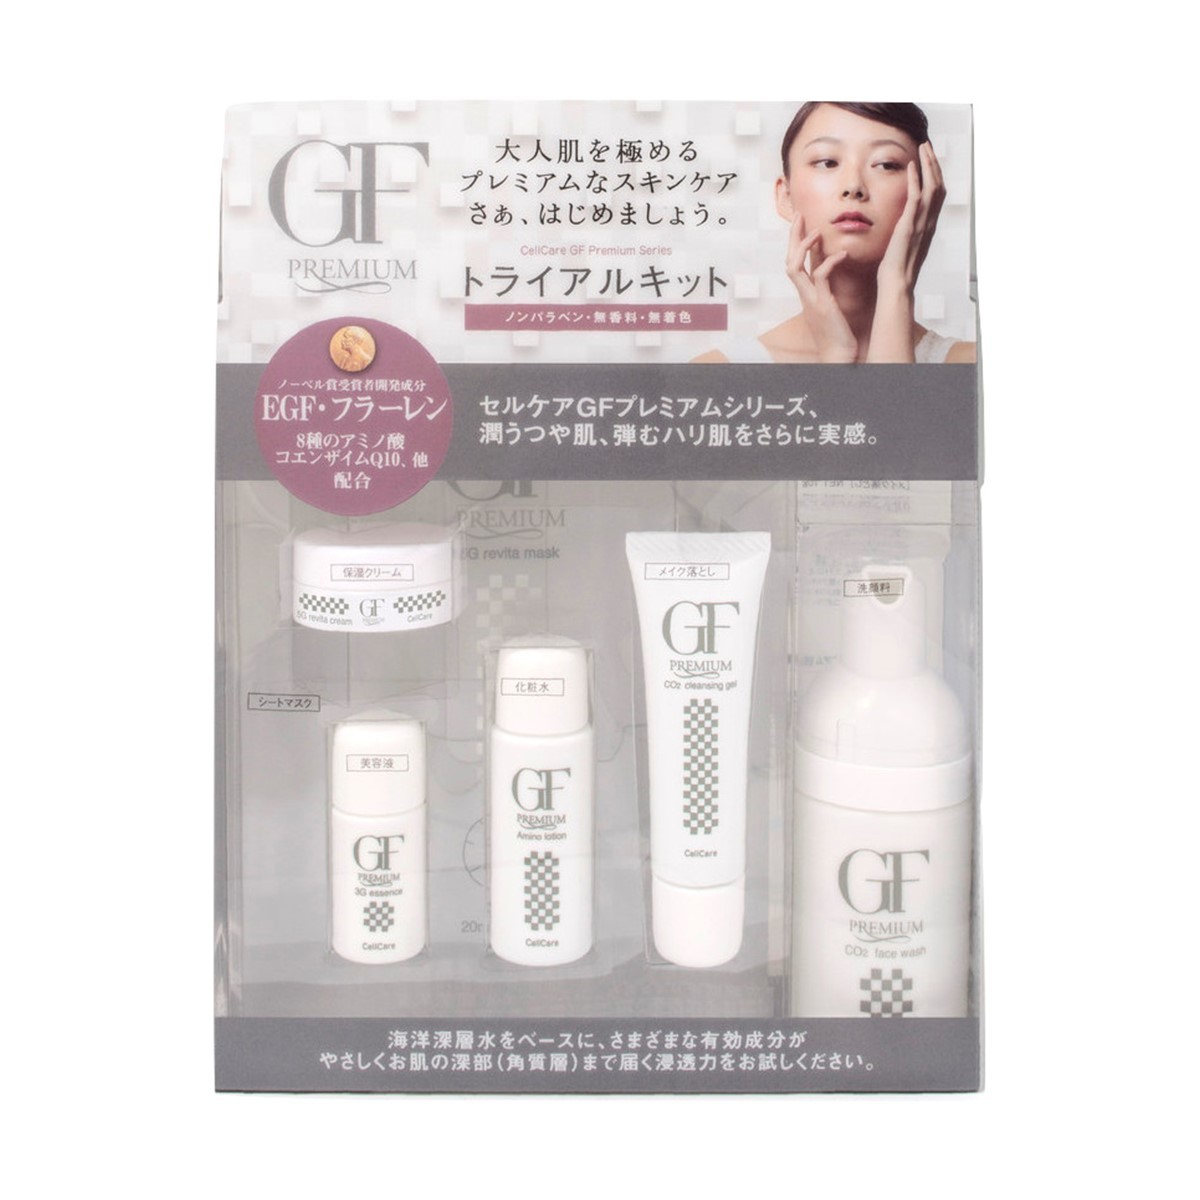 【セルケア化粧品】 GFプレミアムトライアルキット